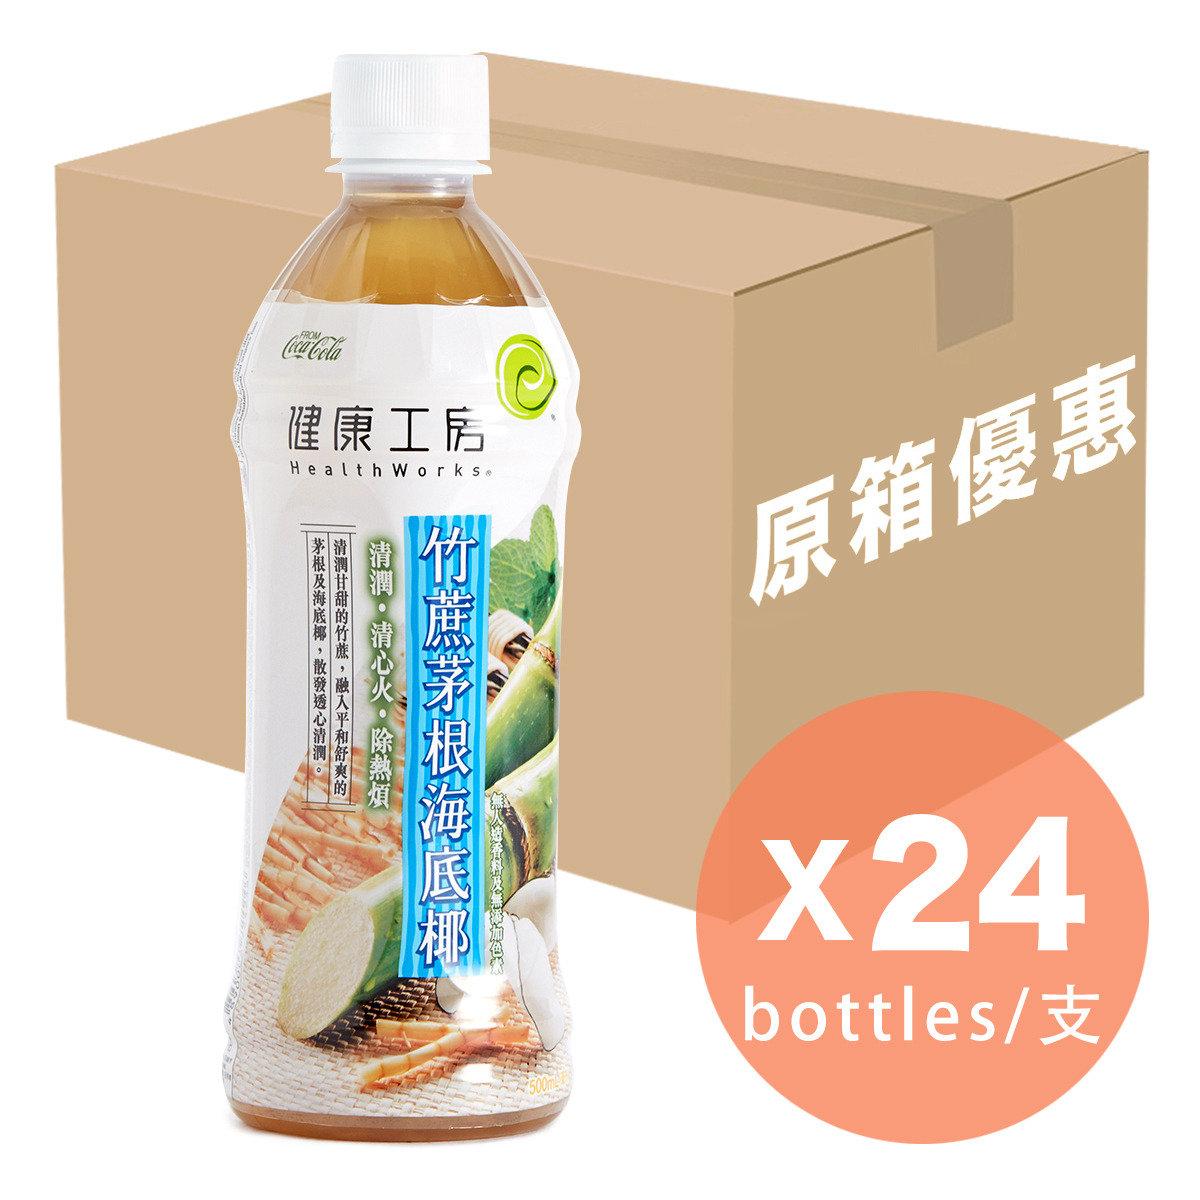 [原箱]竹蔗茅根海底椰飲料膠樽裝